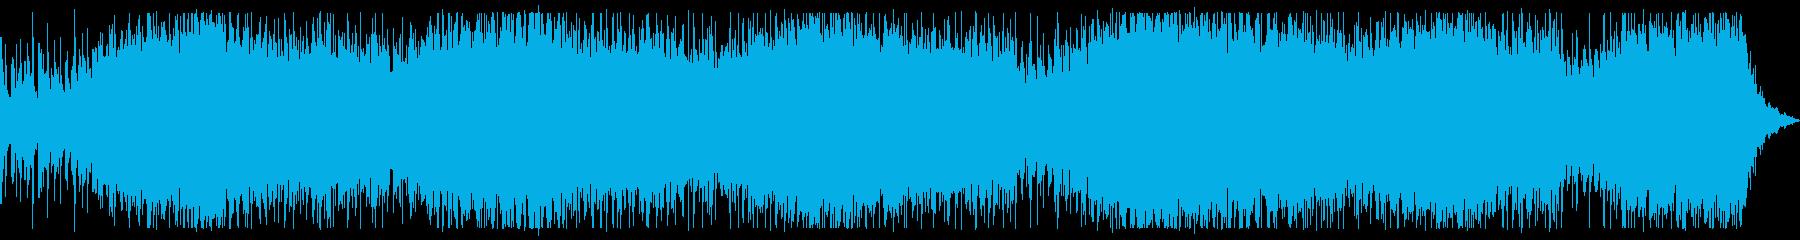 ベースとパーカッション中心のダークな楽曲の再生済みの波形